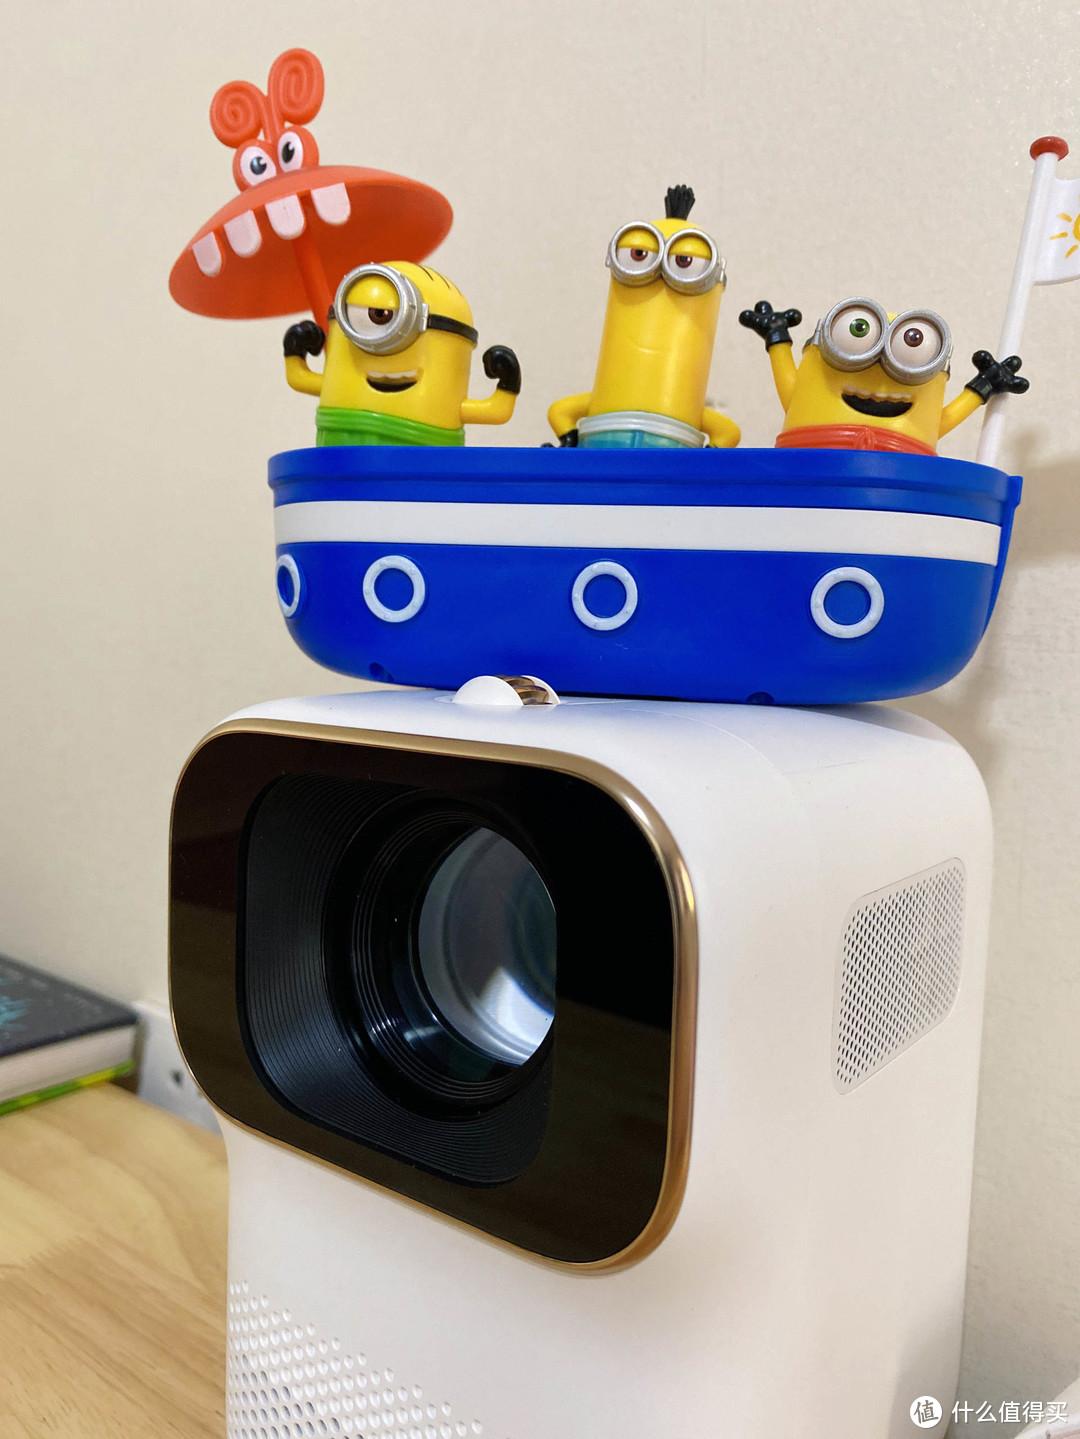 儿童房装电视还是按投影?看完小明Q1再做决定